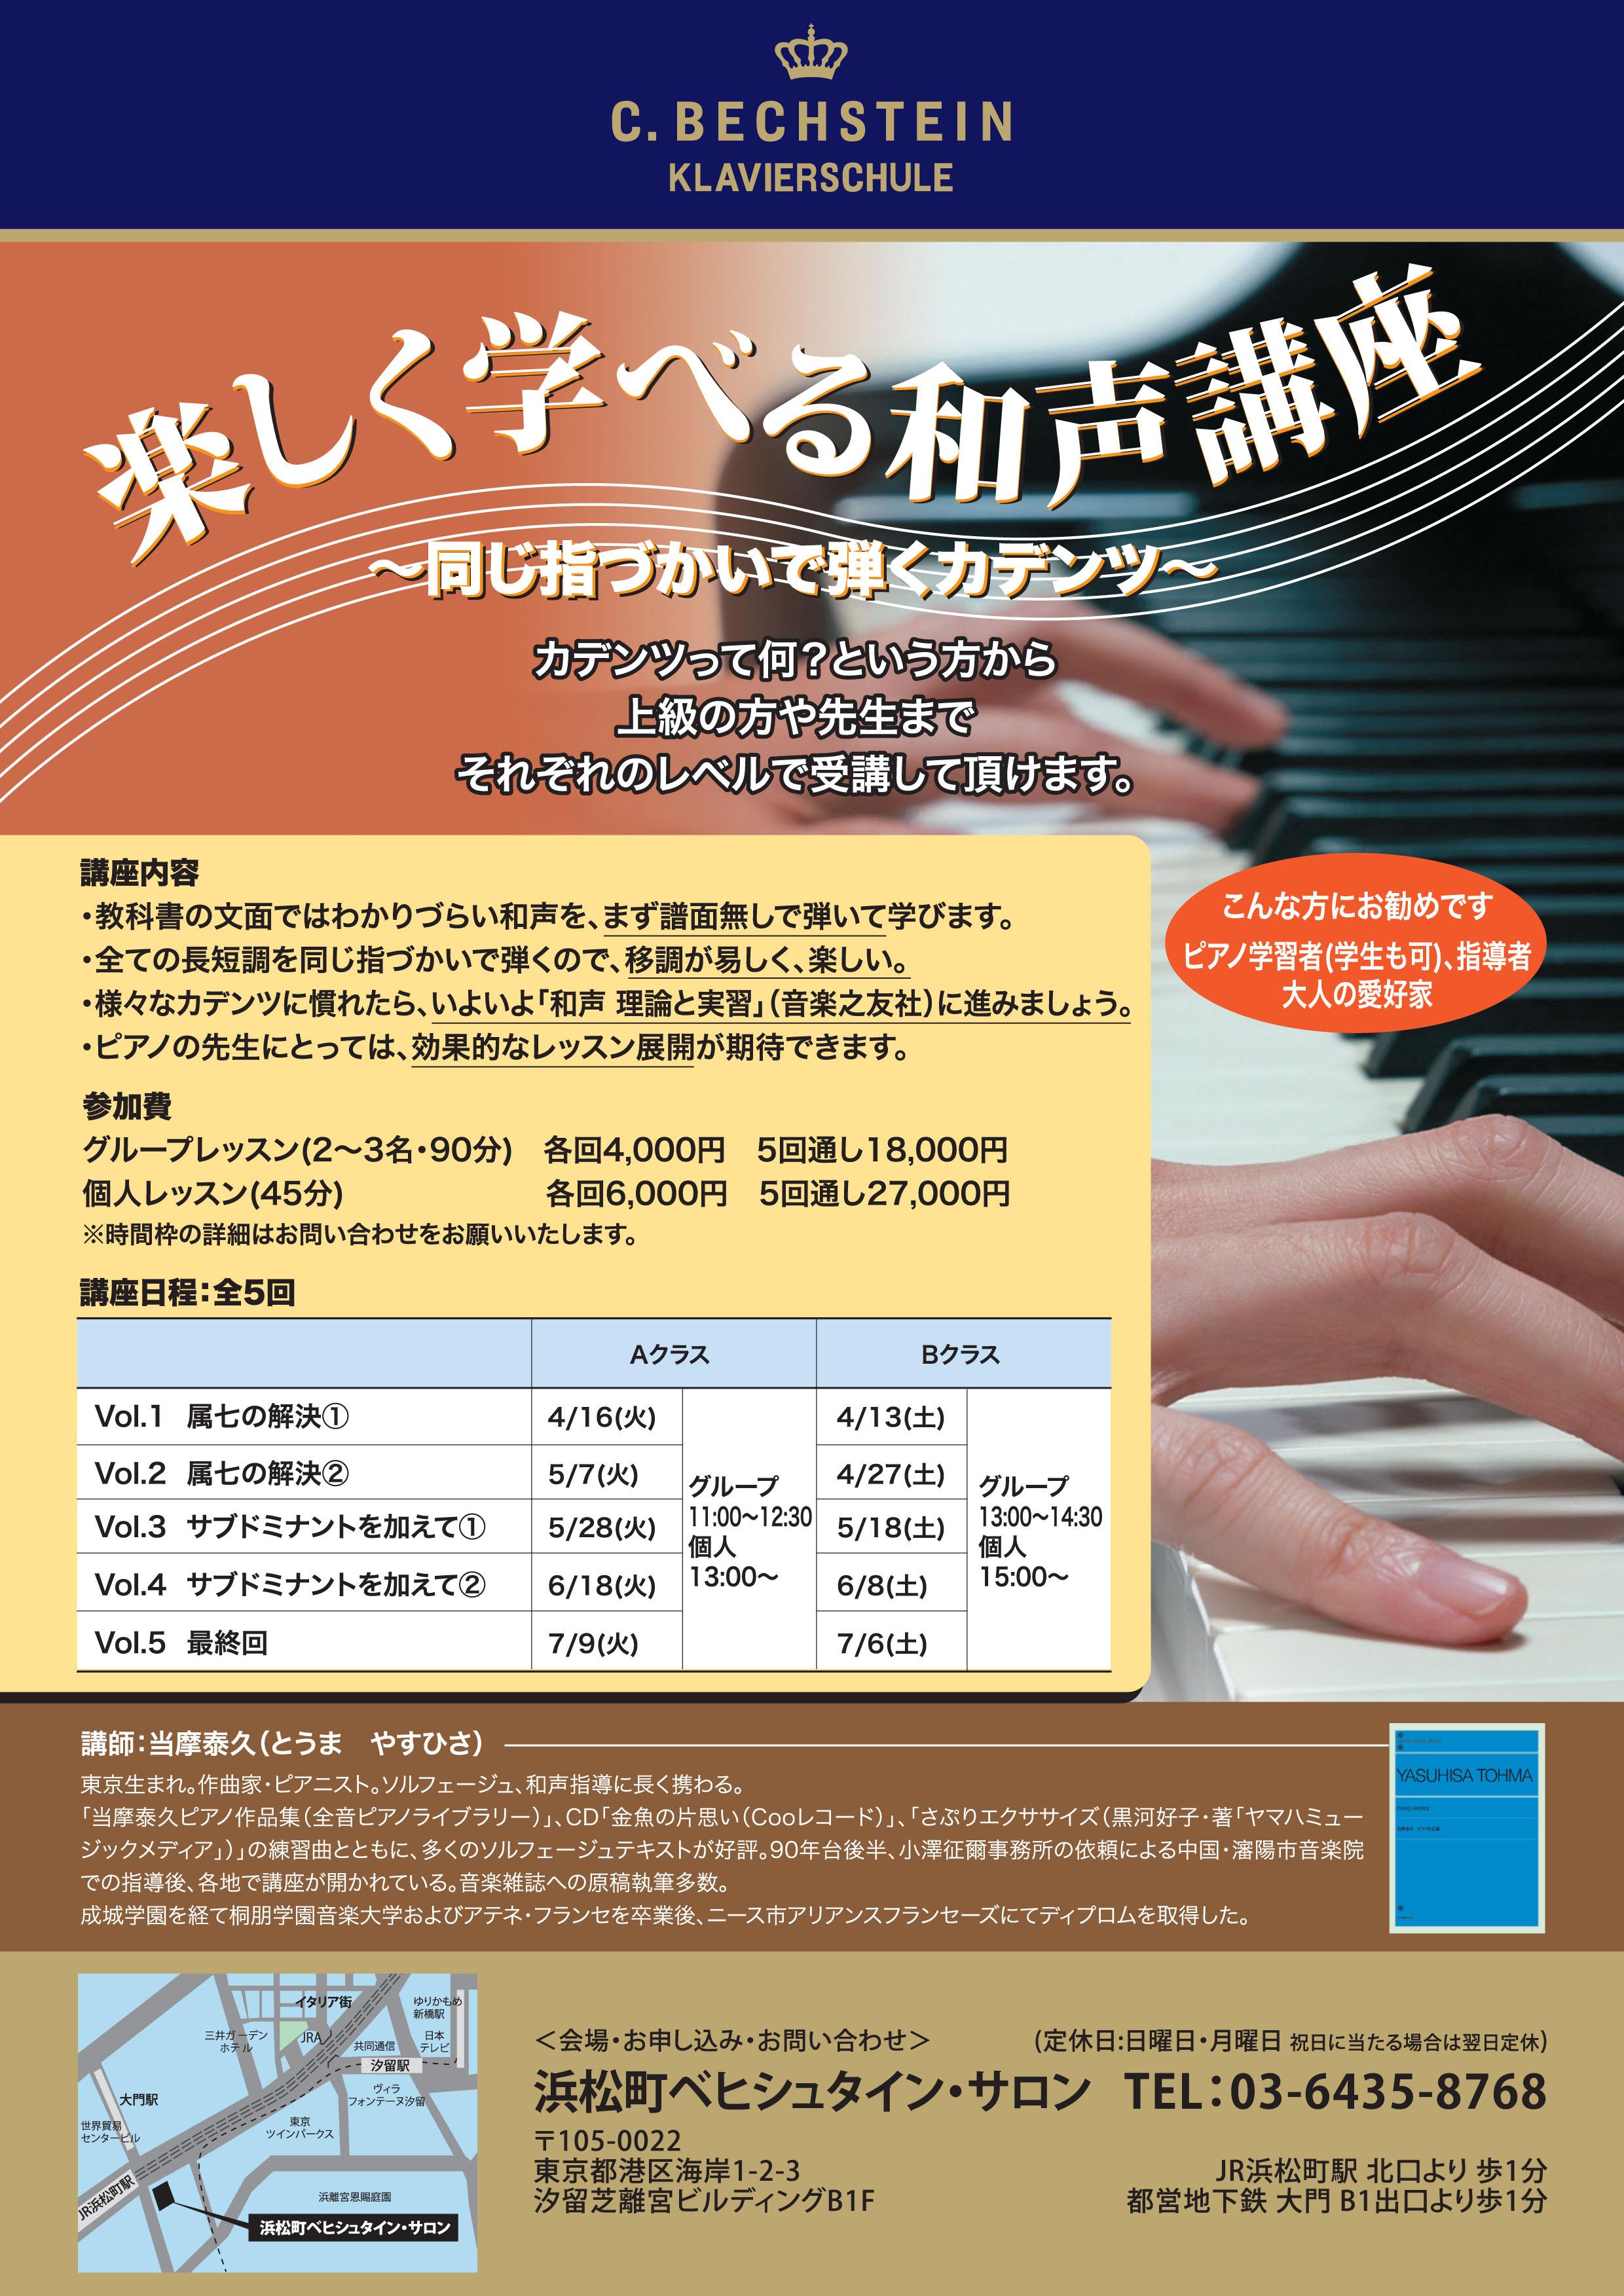 イベント情報 | ベヒシュタインジャパン公式サイト